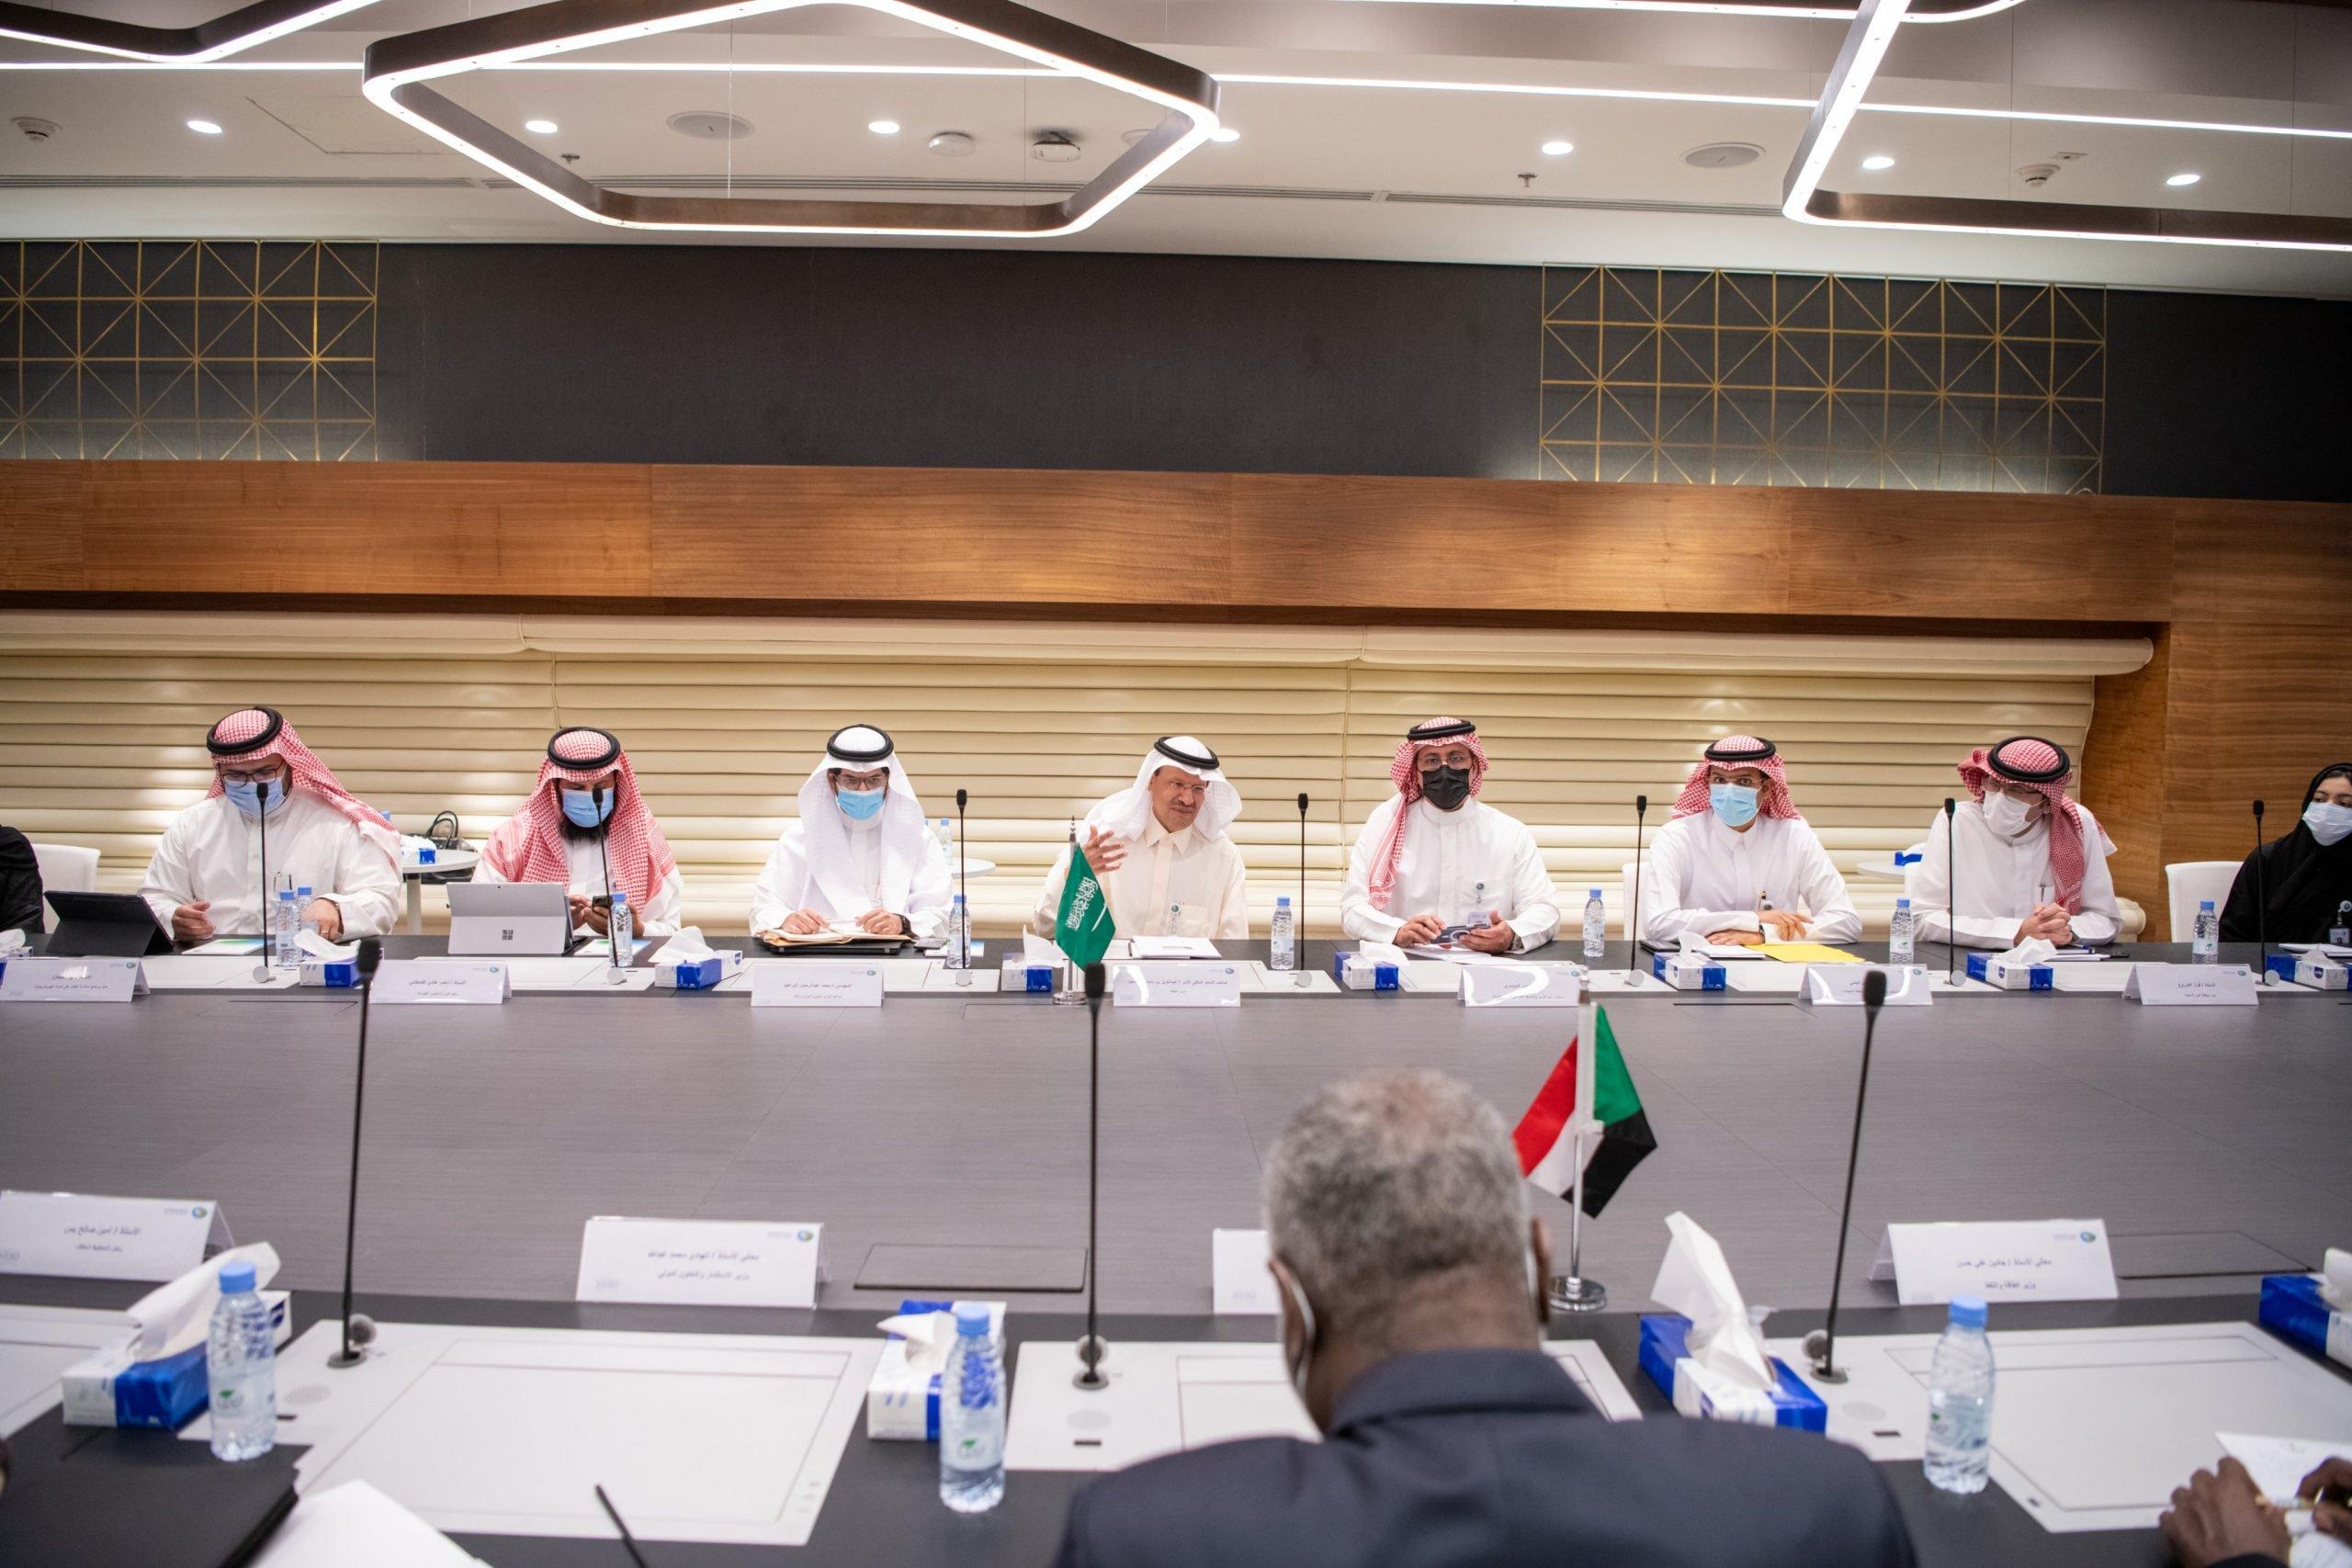 أرامكو - النفط والطاقة - السودان